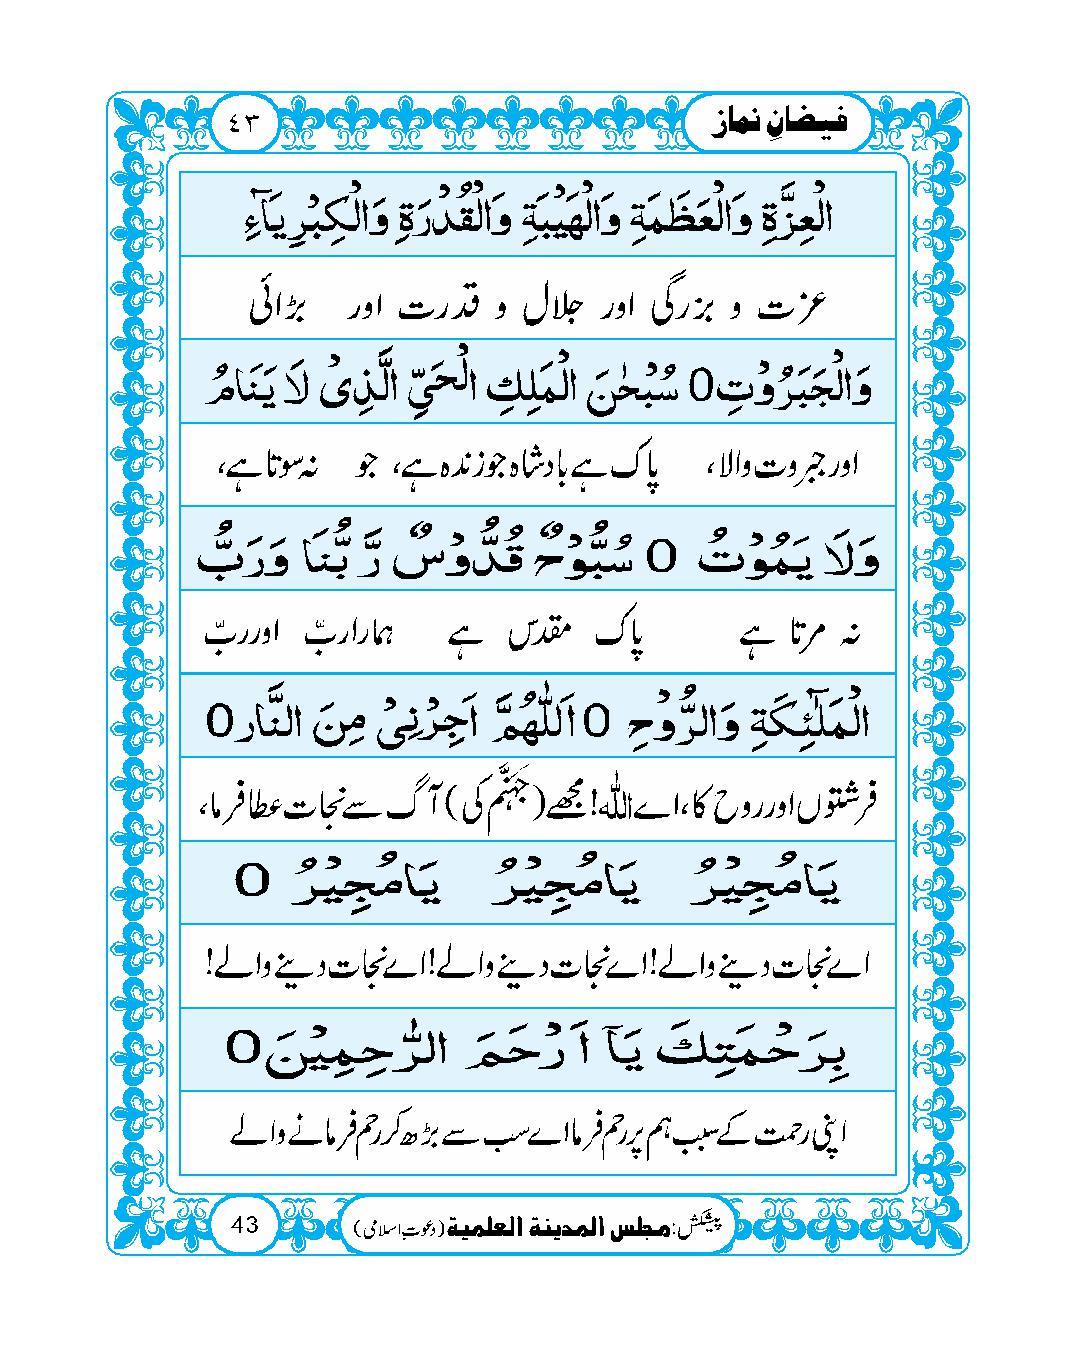 page No 43